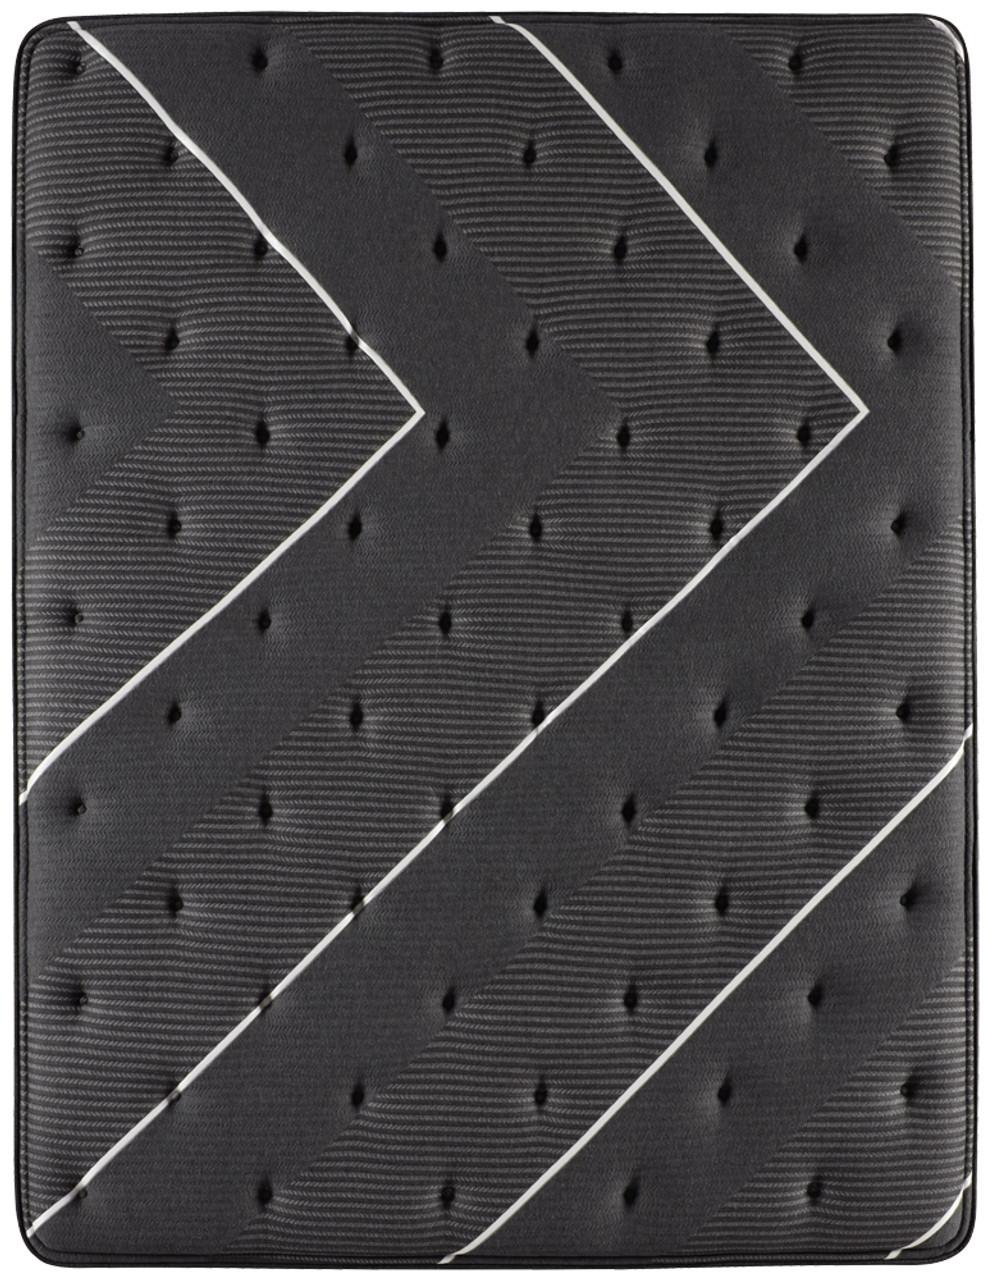 simmons beautyrest black c class plush pillow top mattress